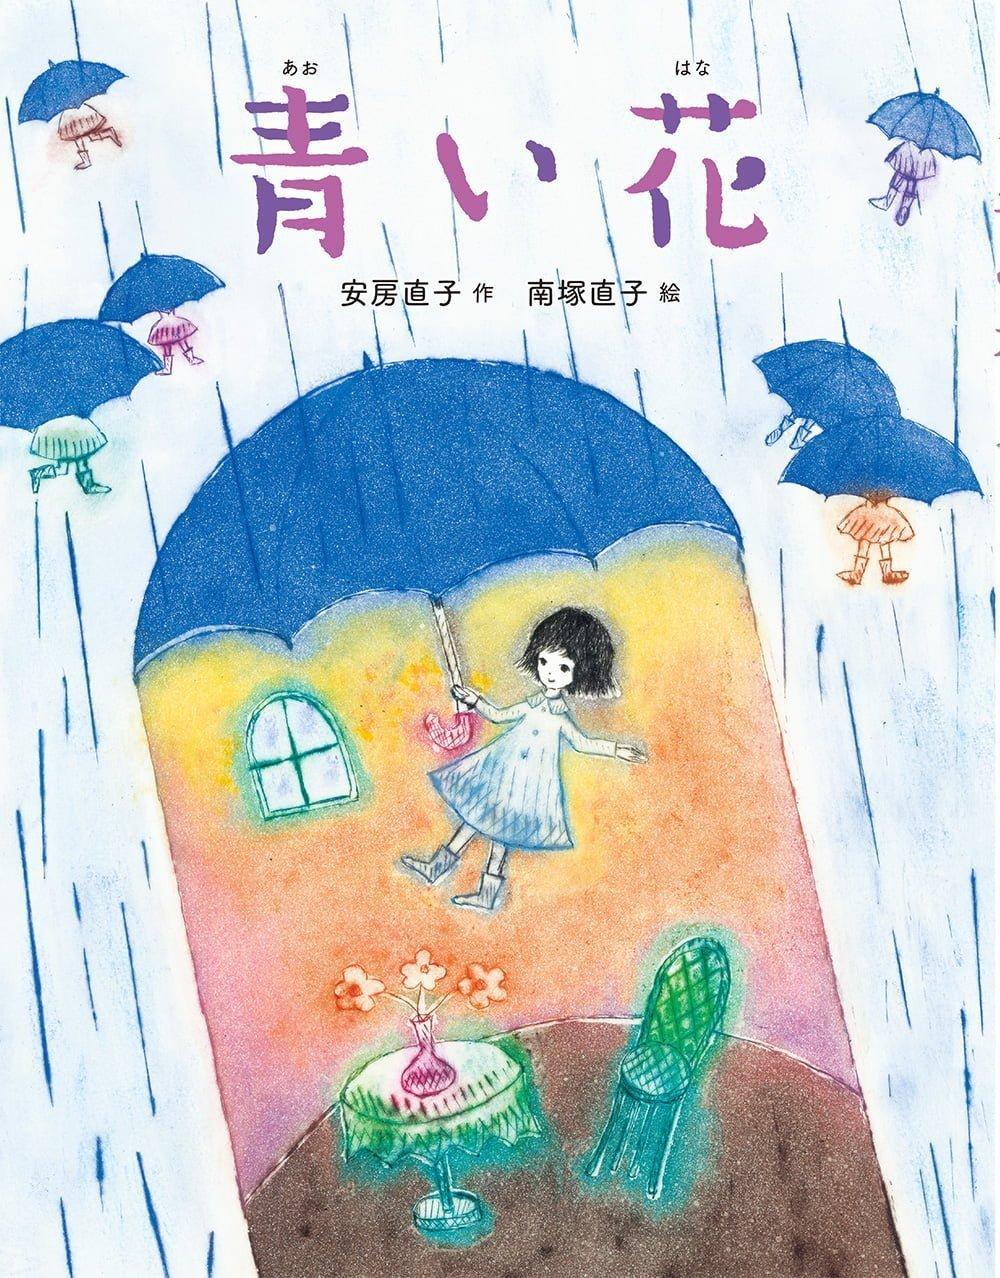 絵本「青い花」の表紙